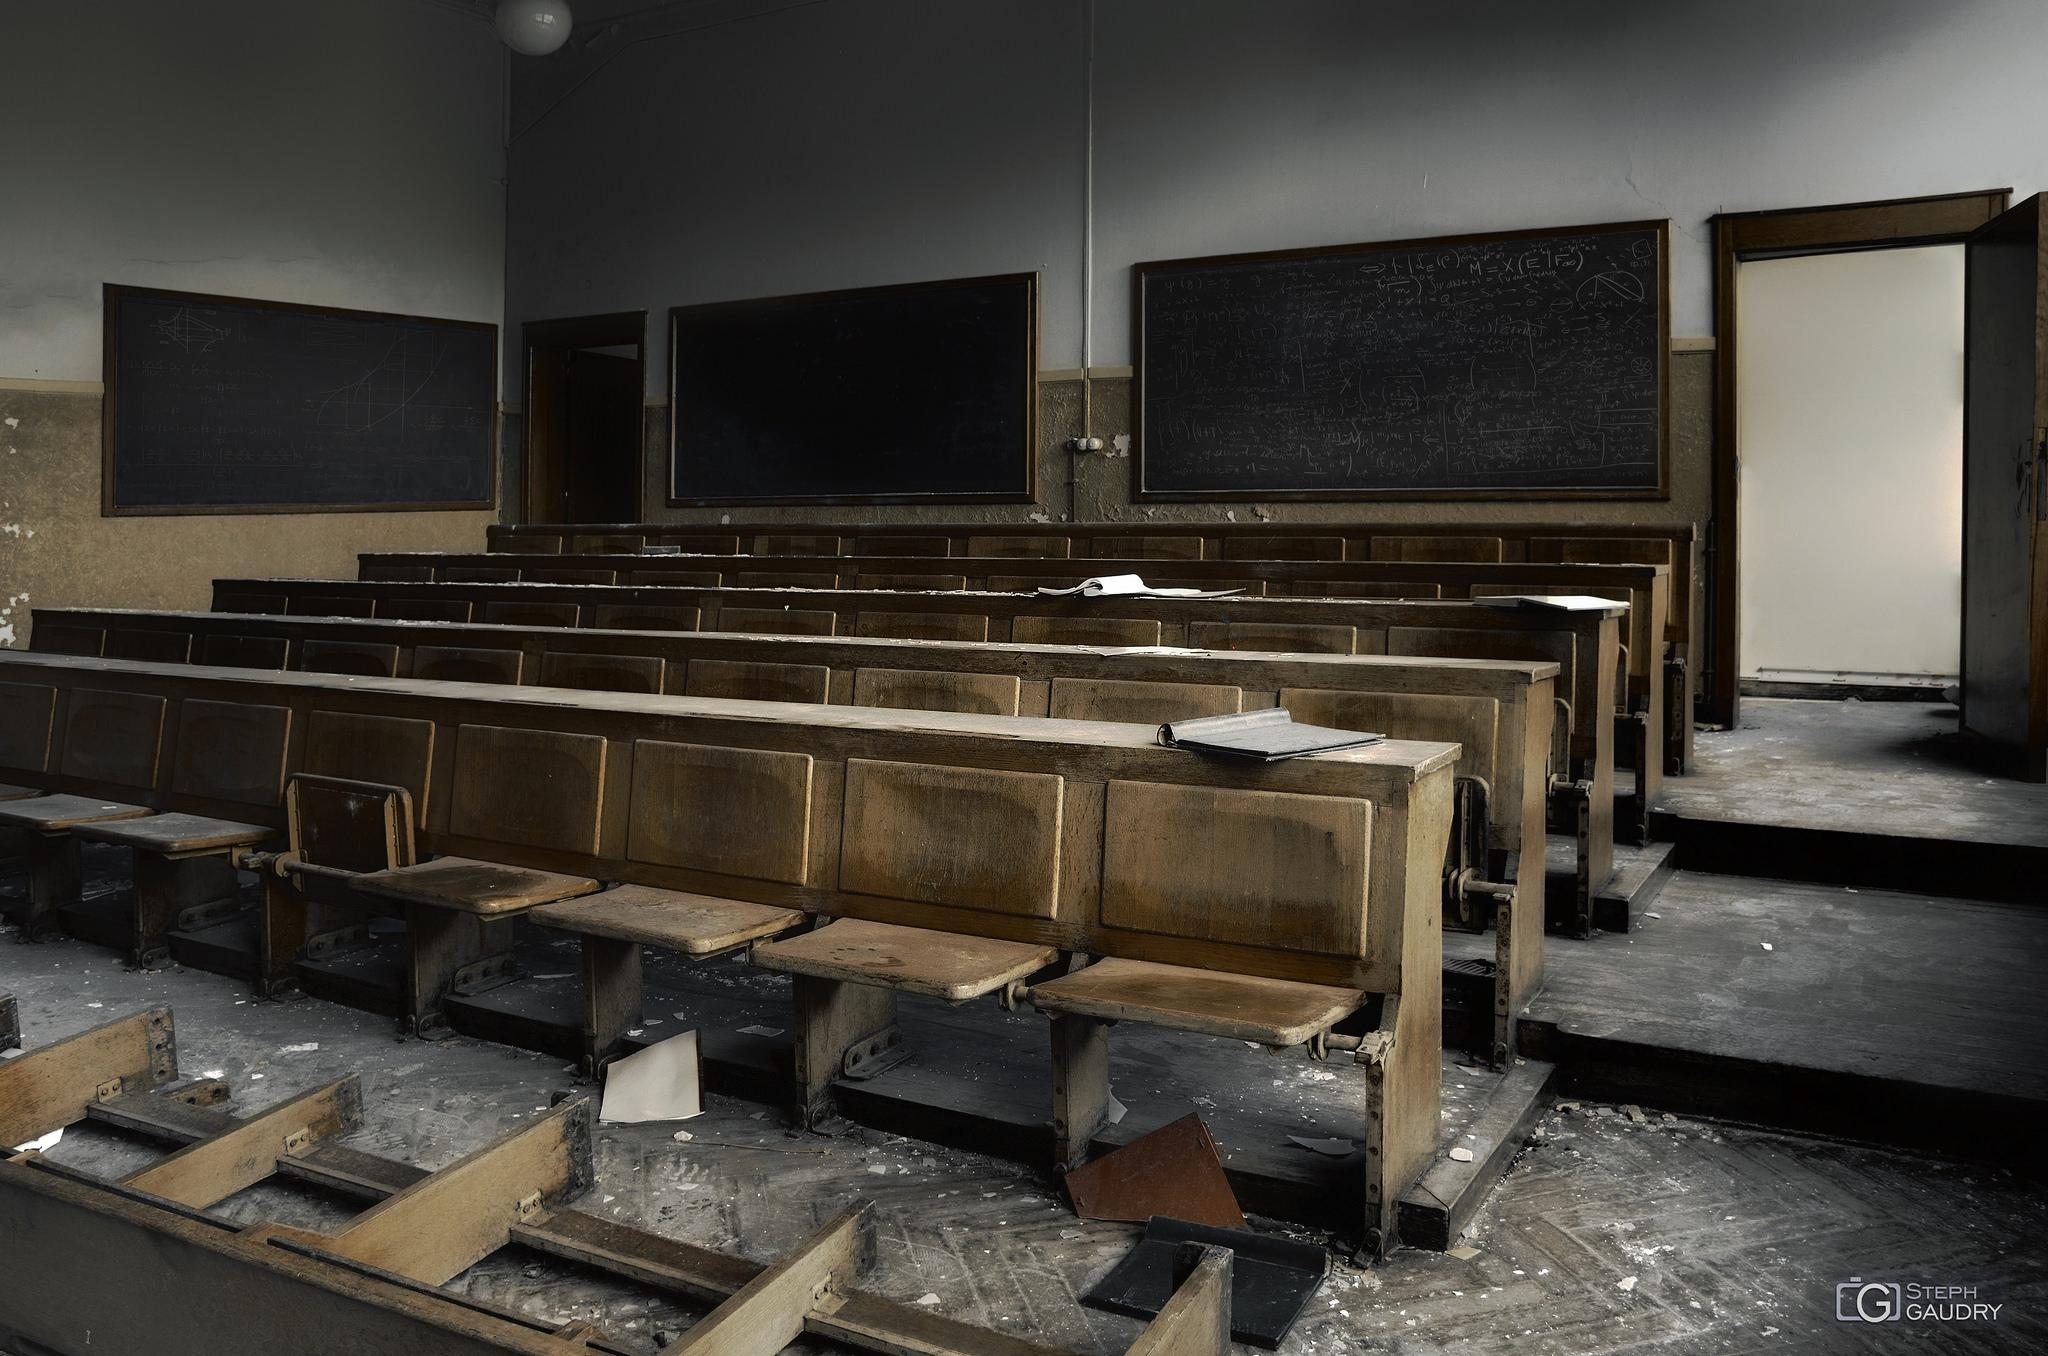 Nous ne retournerons plus sur les bancs d'école... [Klik om de diavoorstelling te starten]